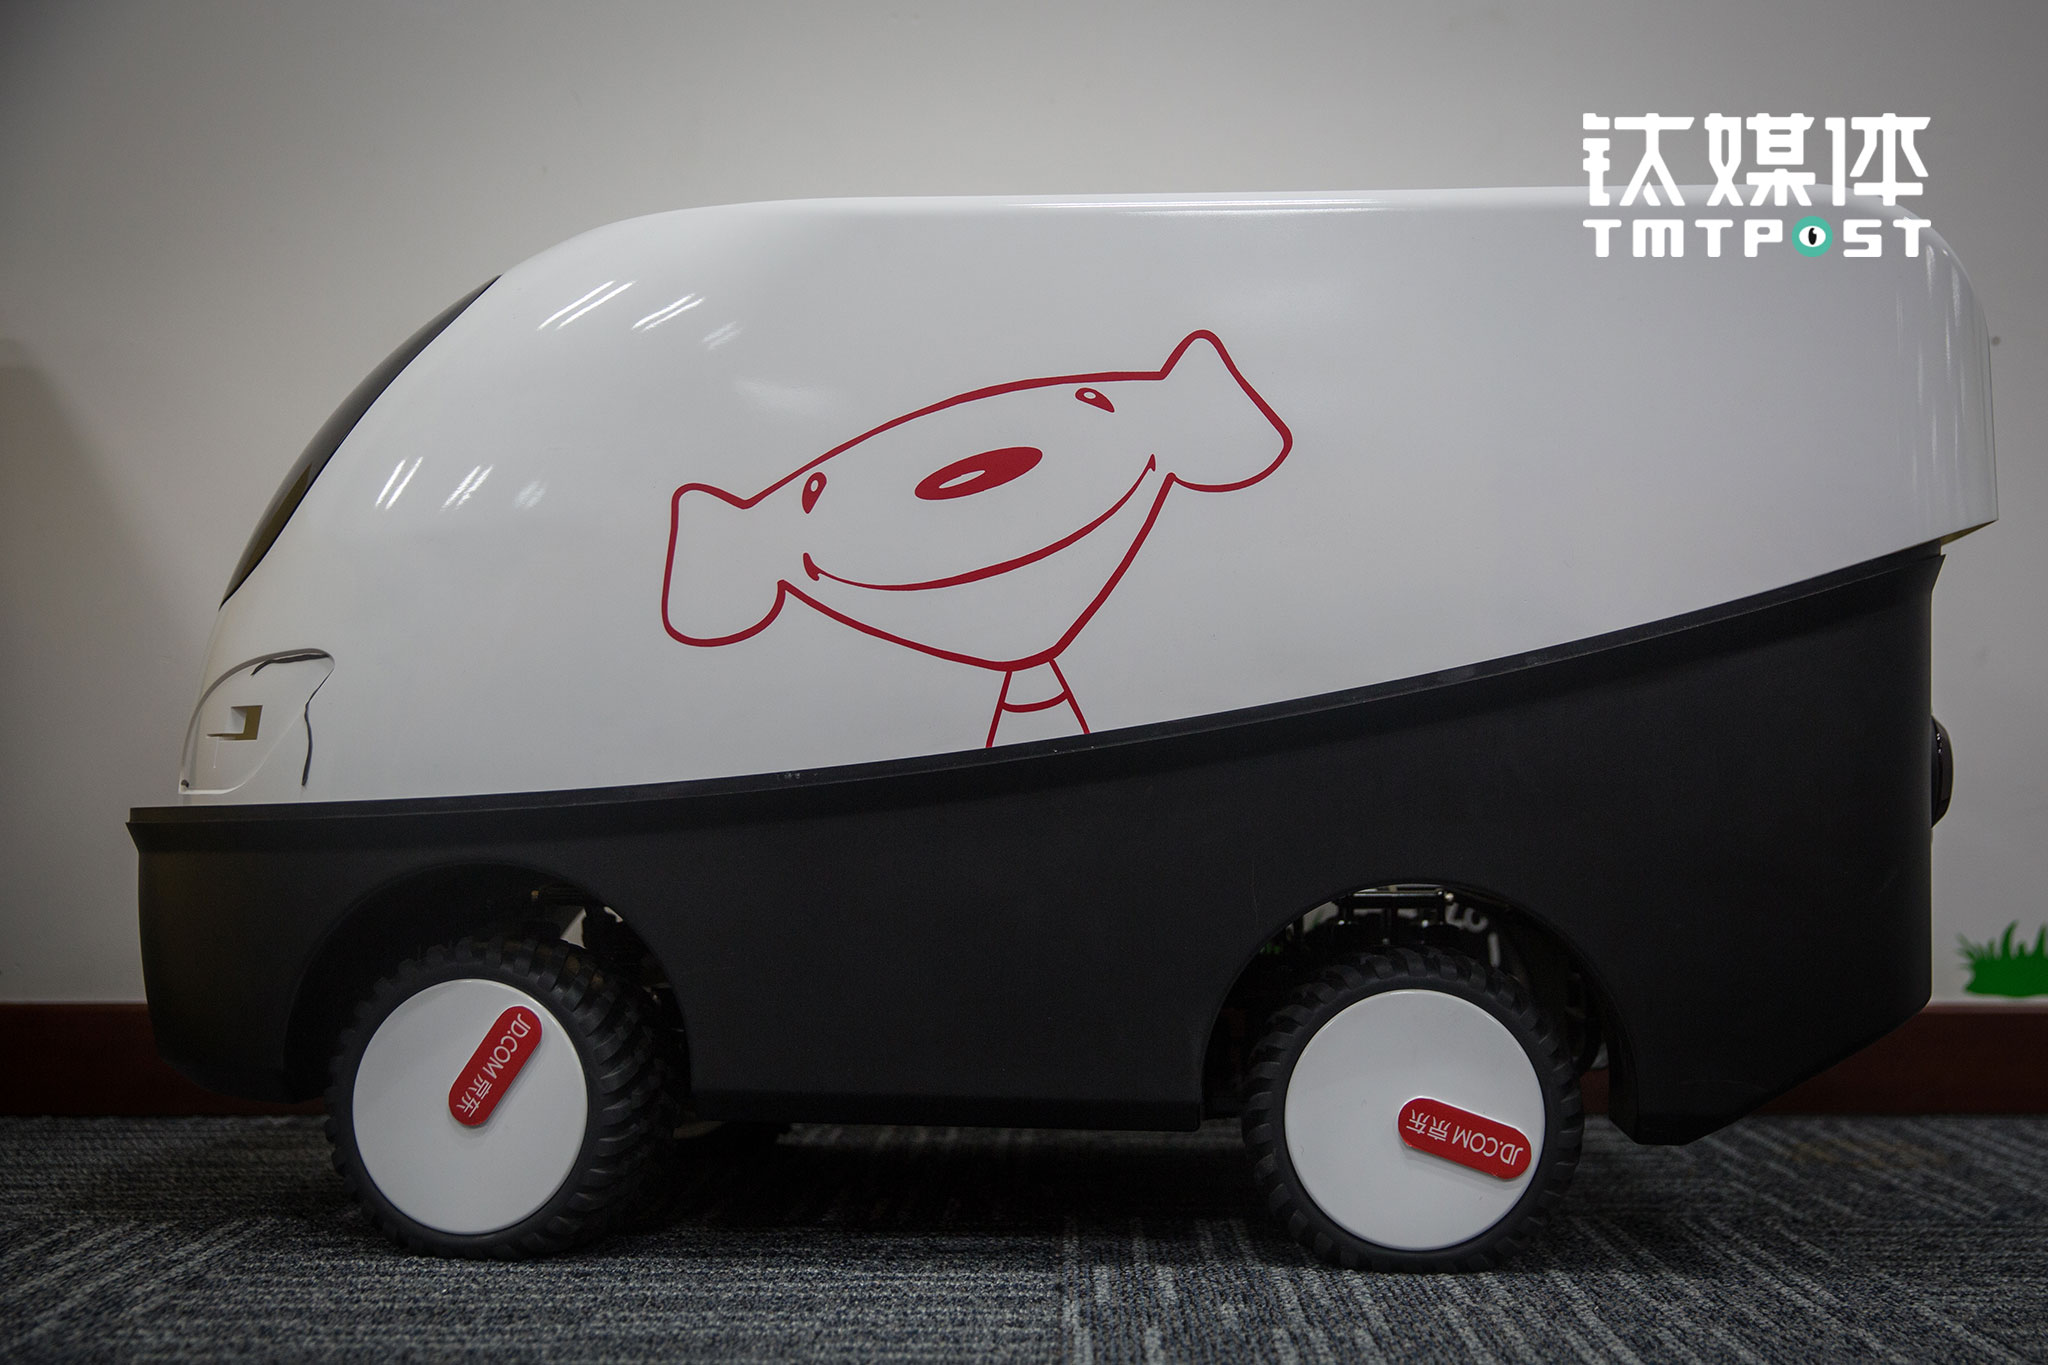 京东无人车研发中心,一辆经过多次试验的无人车。京东无人车研发团队表示,京东无人车将在双十一投入实验性试运营。